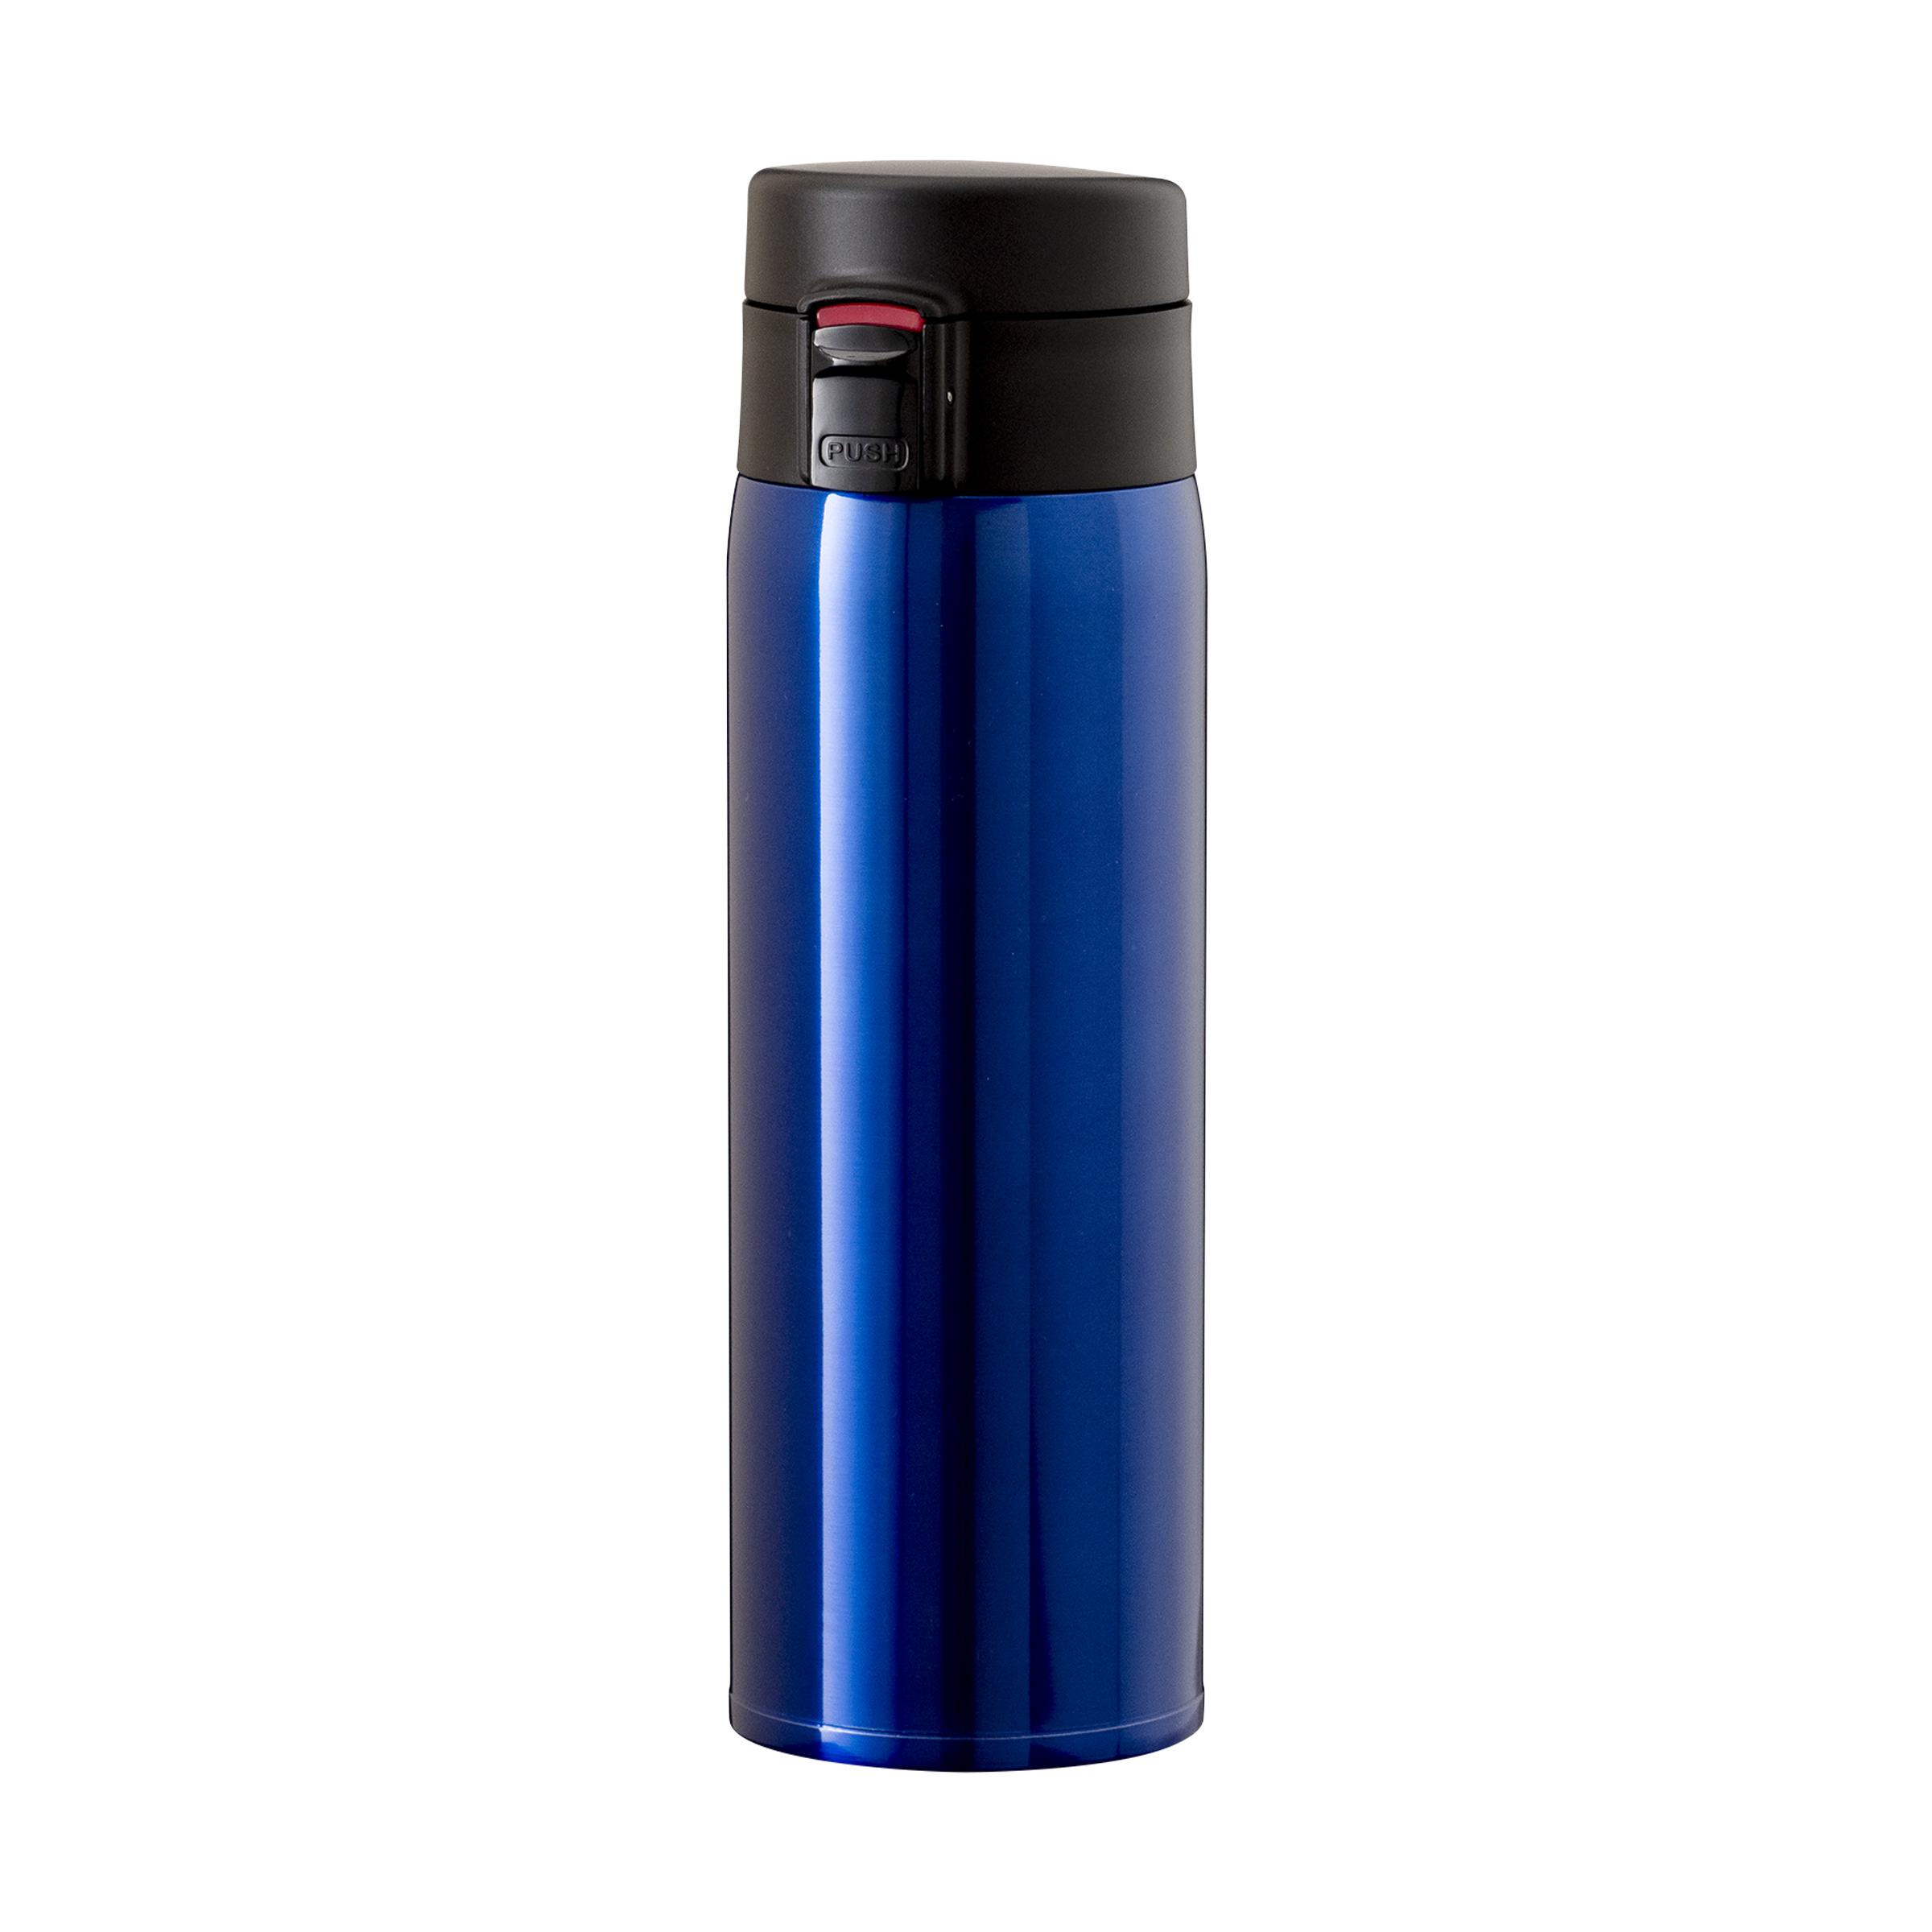 軽量ステンレスワンタッチボトル 680ml ブルー image01